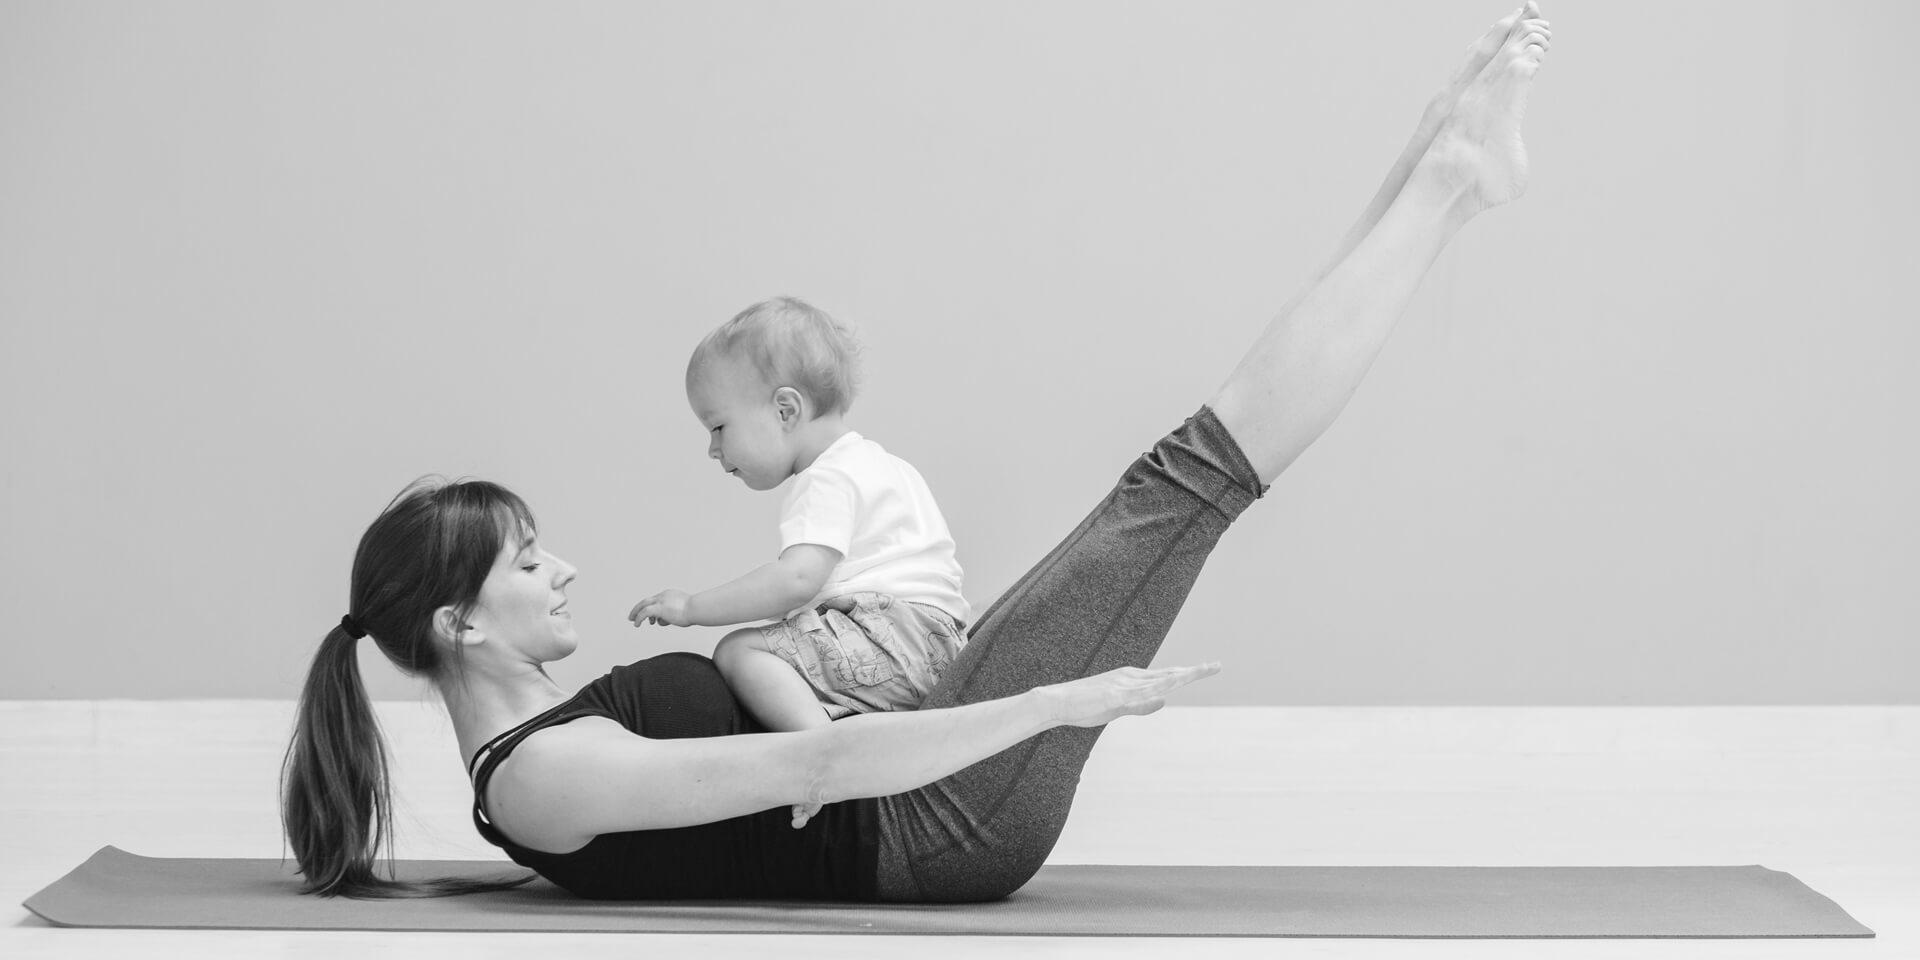 Frau mit Kind macht Fitnessübung für Bauchmuskeln